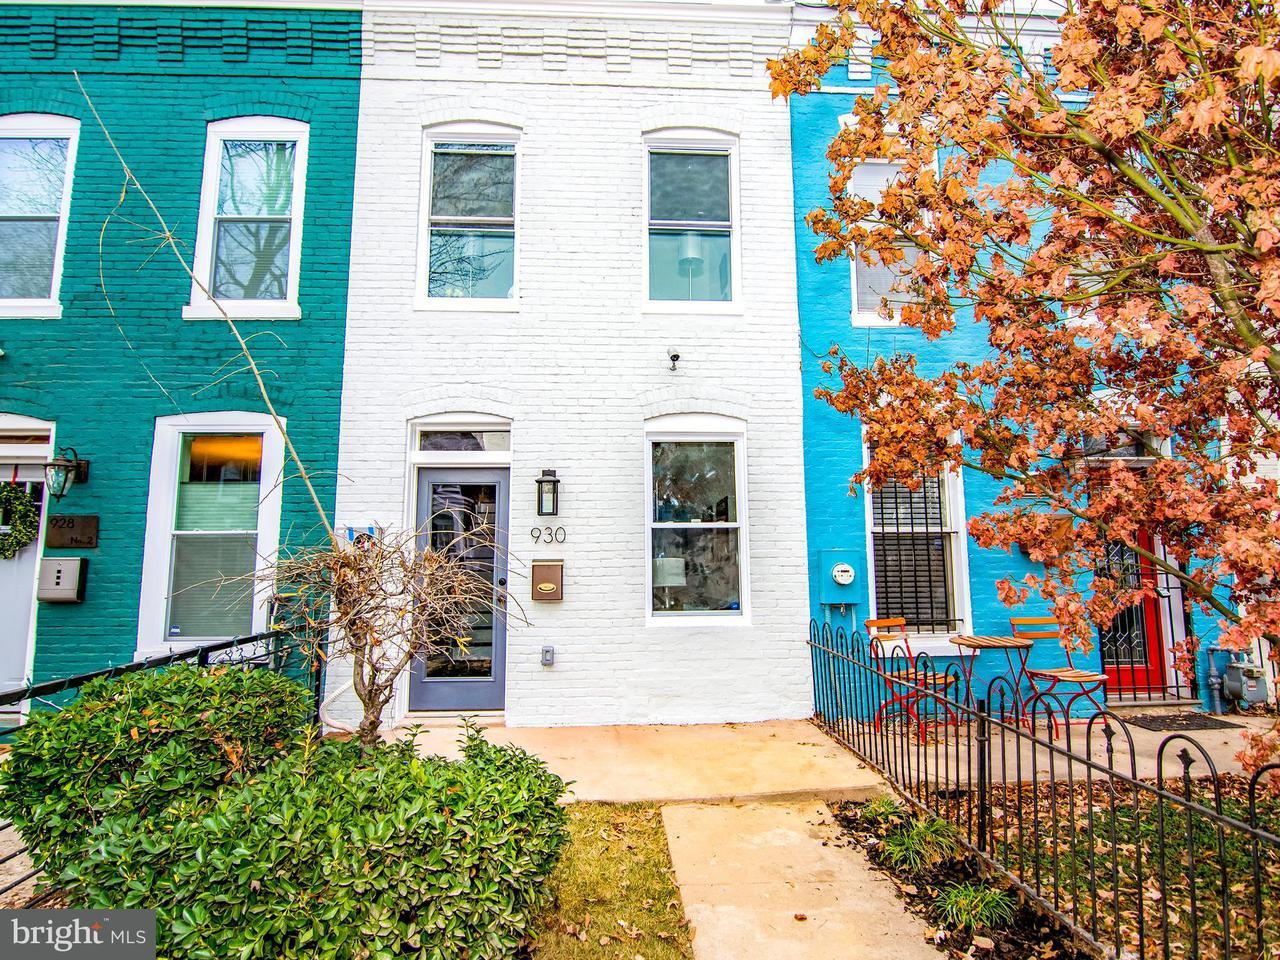 联栋屋 为 销售 在 930 9TH ST NE 930 9TH ST NE 华盛顿市, 哥伦比亚特区 20002 美国